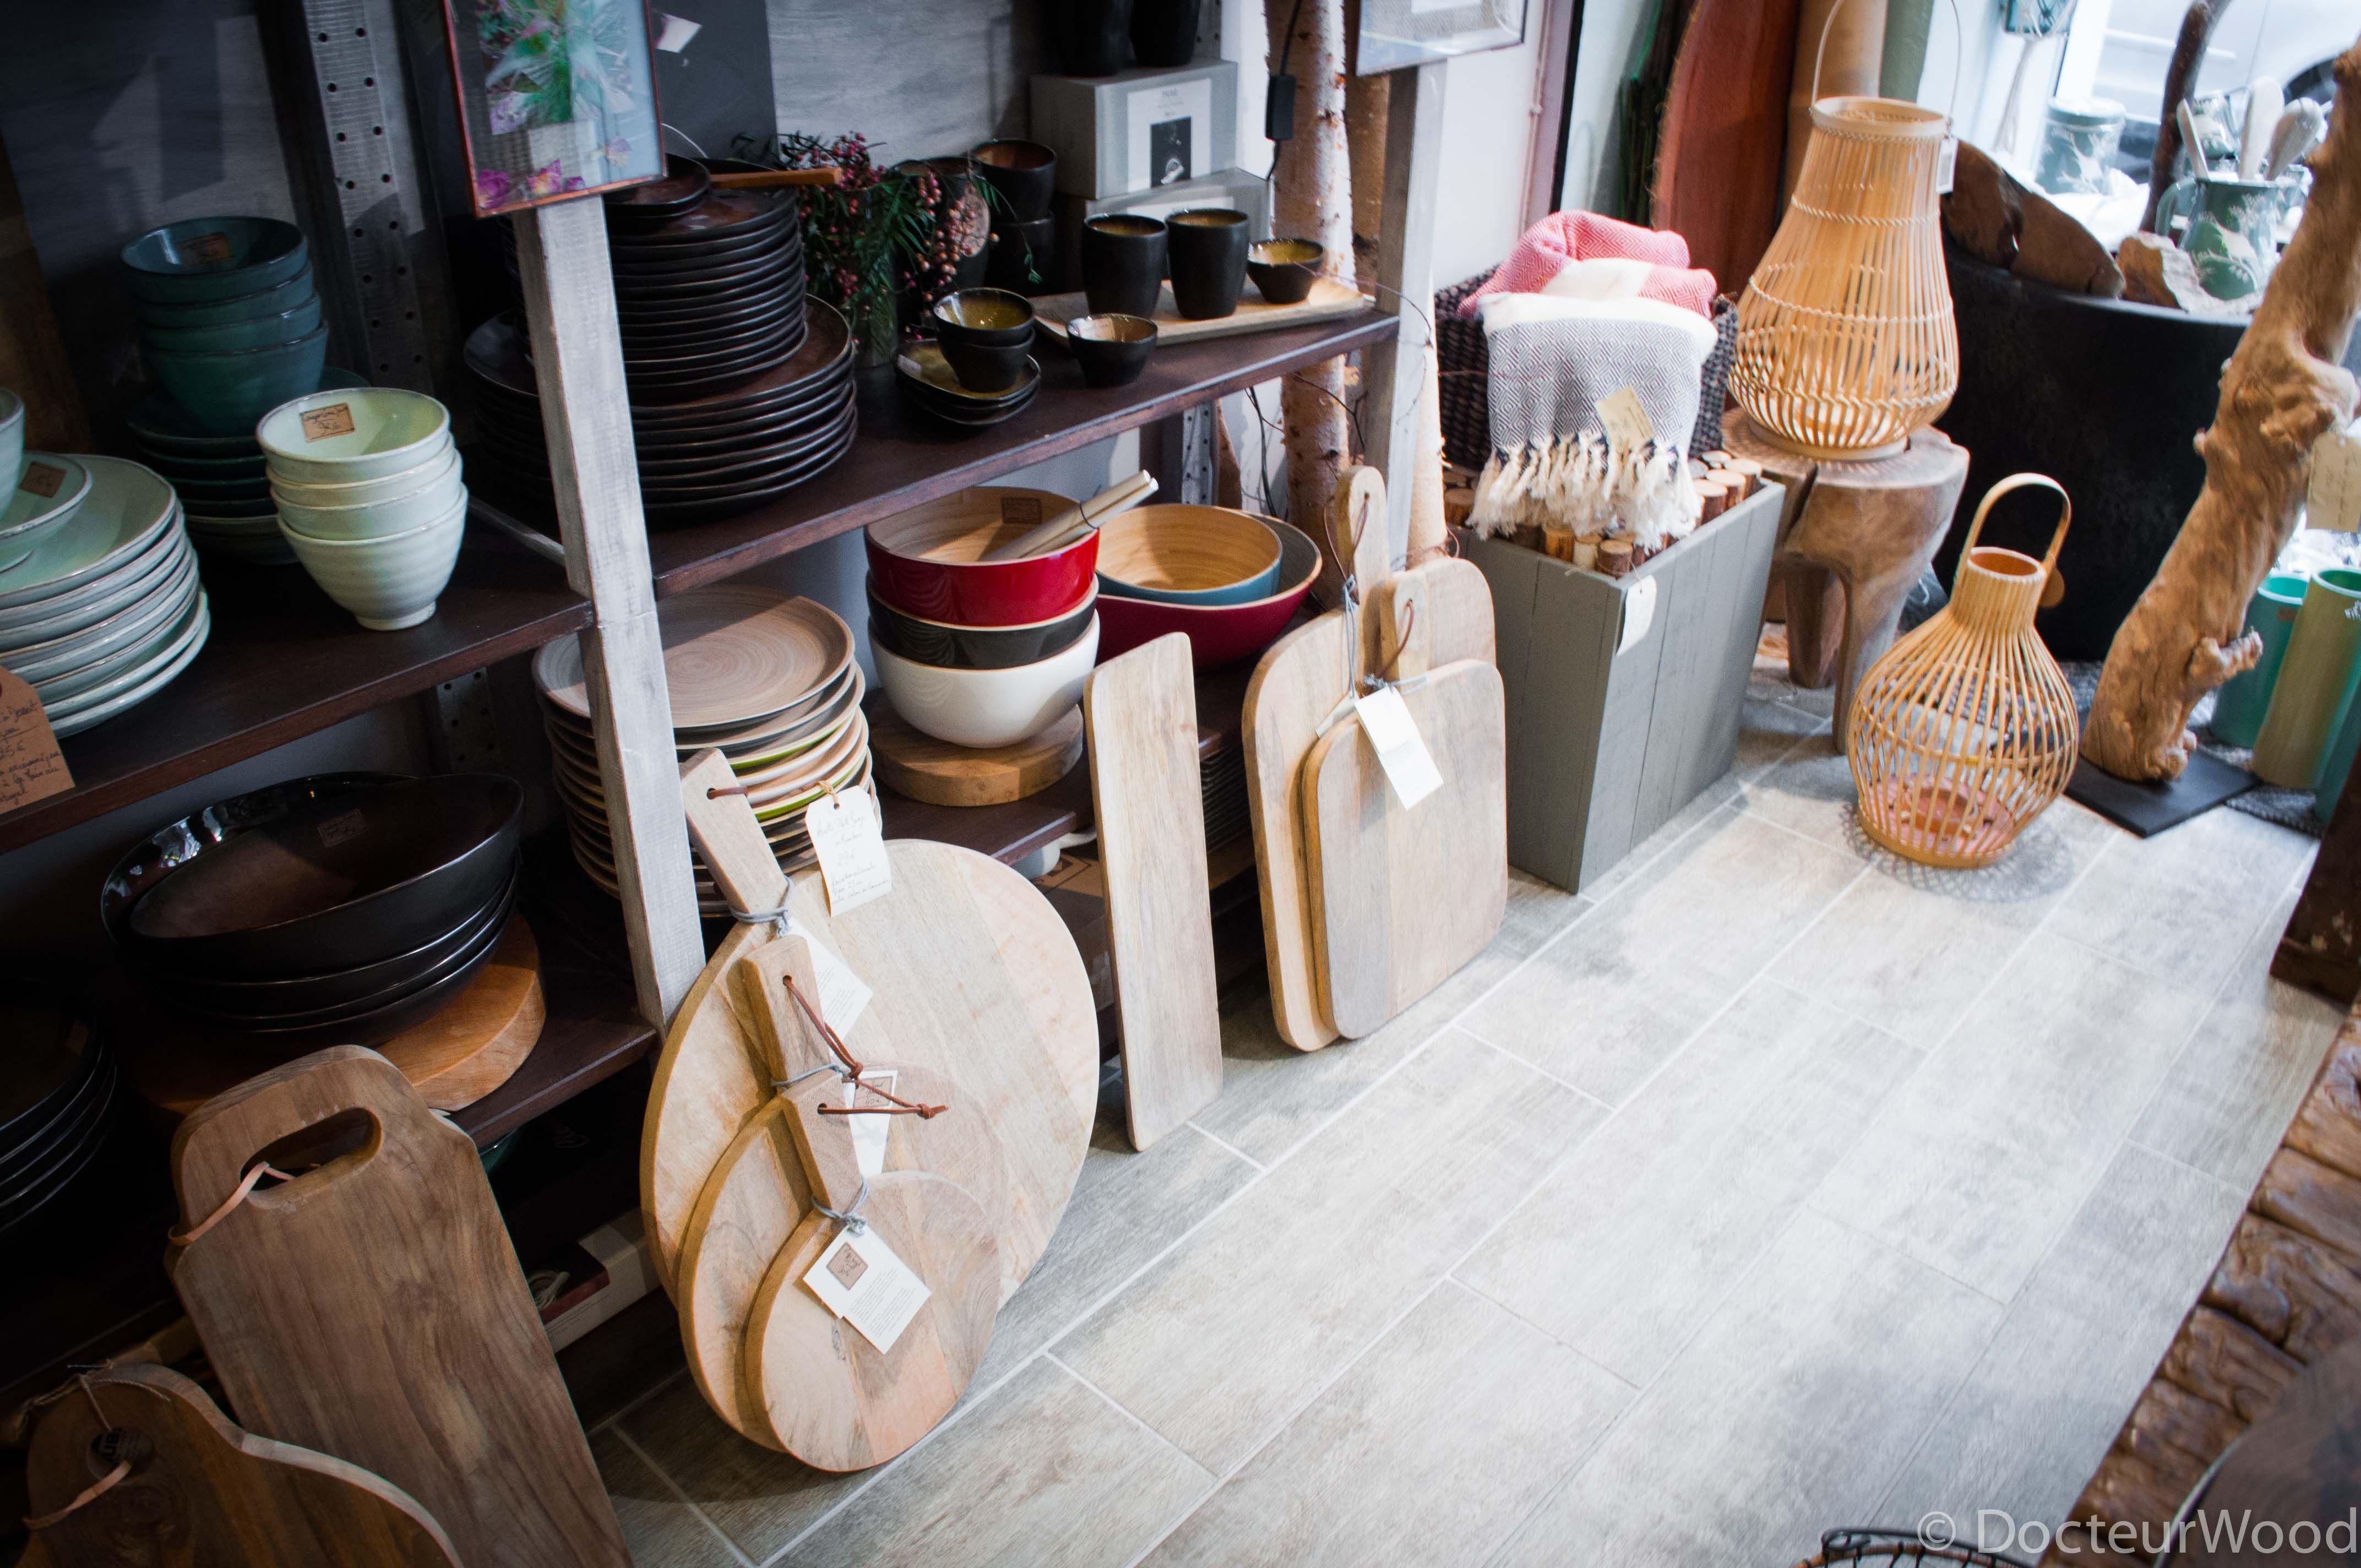 magasin de d co bordeaux lodge deco pinterest magasin de deco bordeaux et magasin. Black Bedroom Furniture Sets. Home Design Ideas